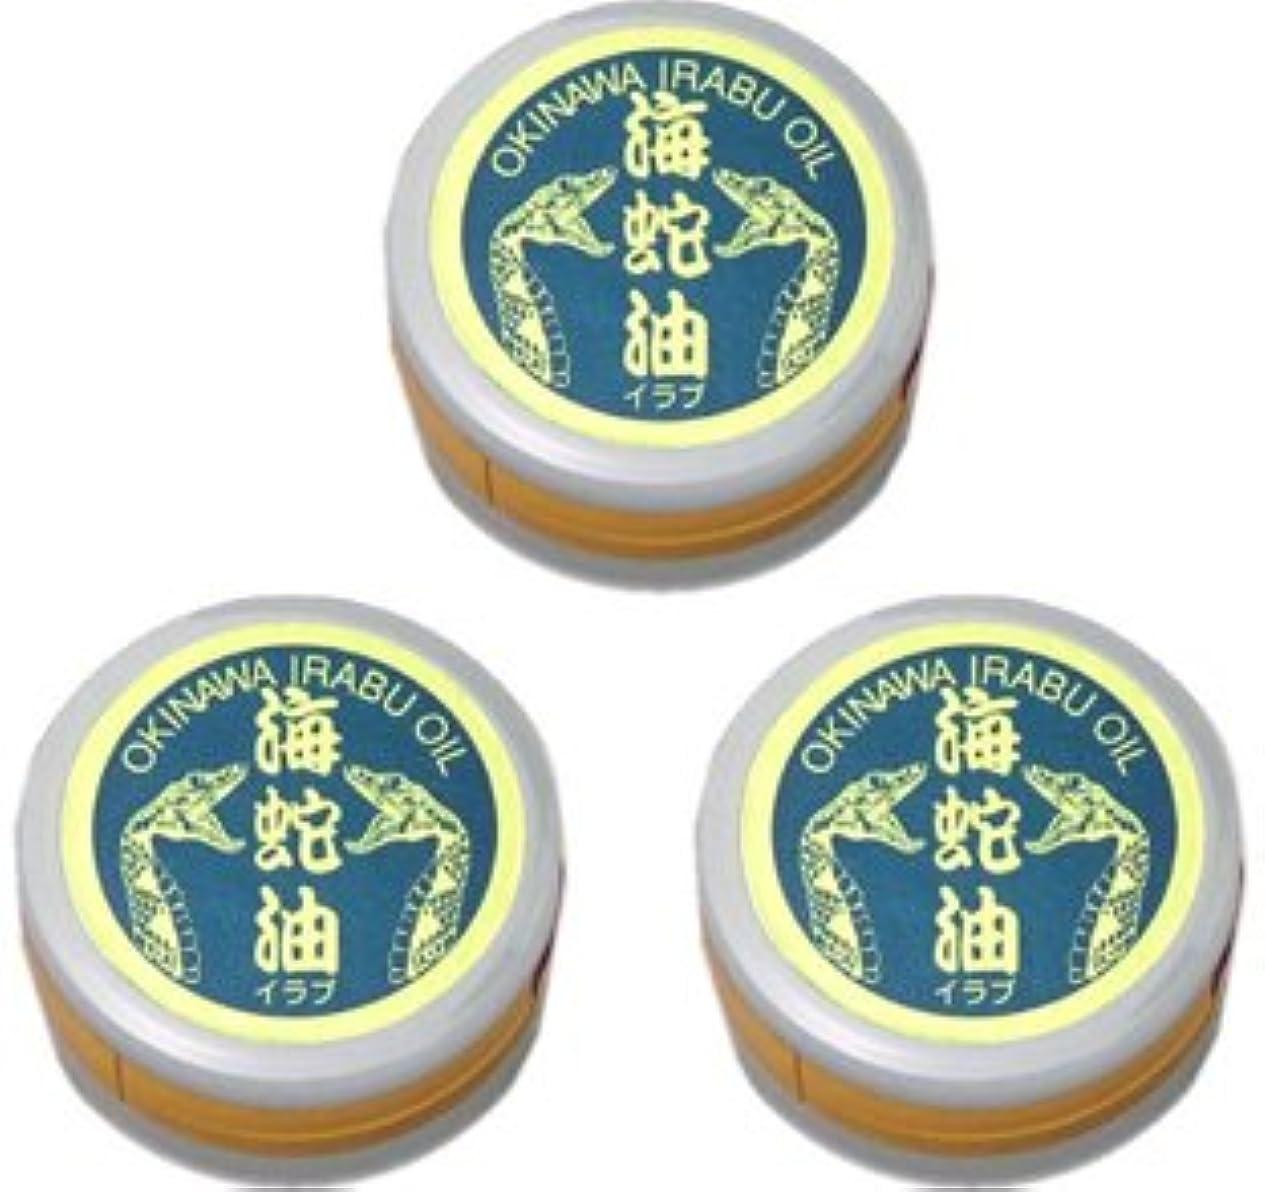 沖縄県産100% イラブ油25g/軟膏タイプ 25g×3個 配送レターパック! 代引き?日時指定不可